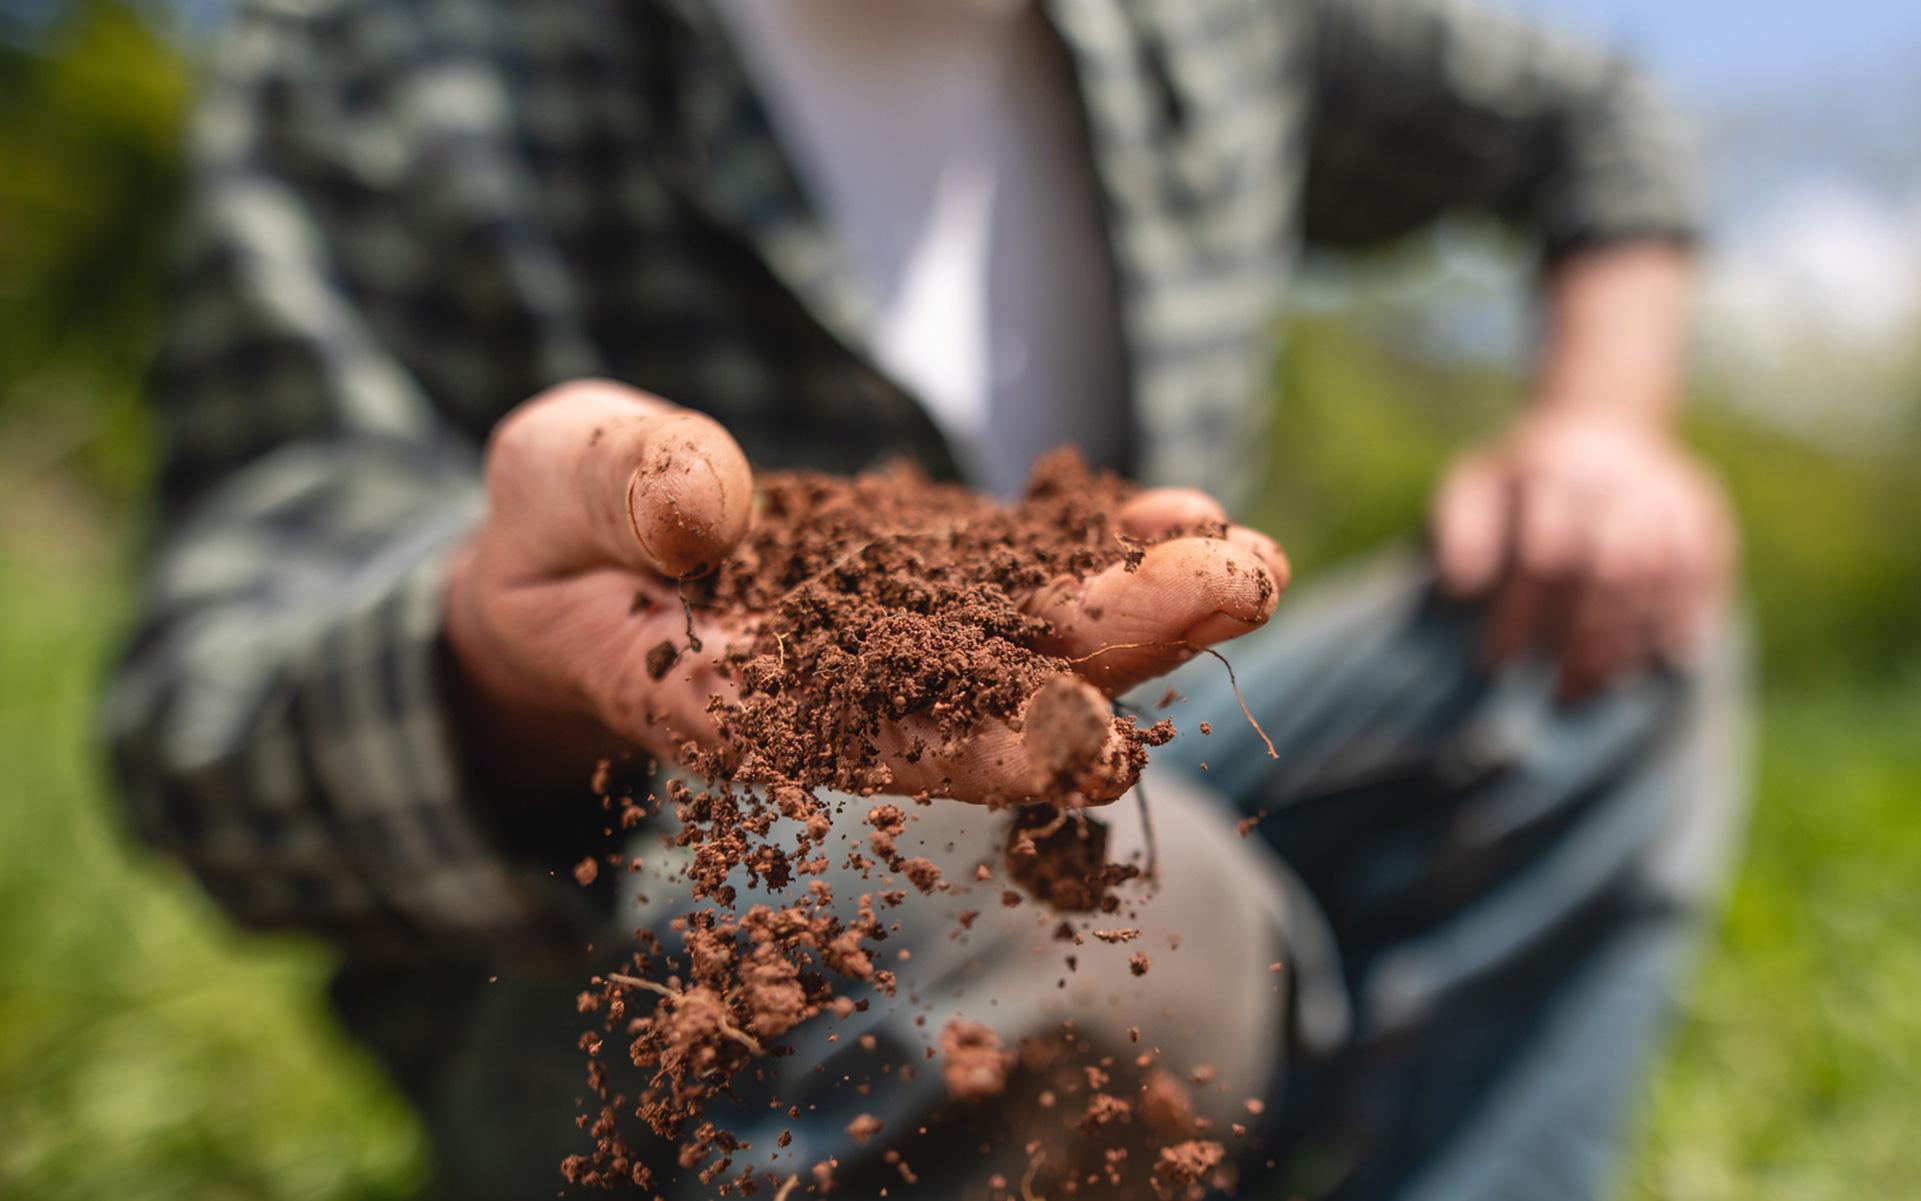 marijuana growing, how to grow marijuana, seeds, clones, cannabis